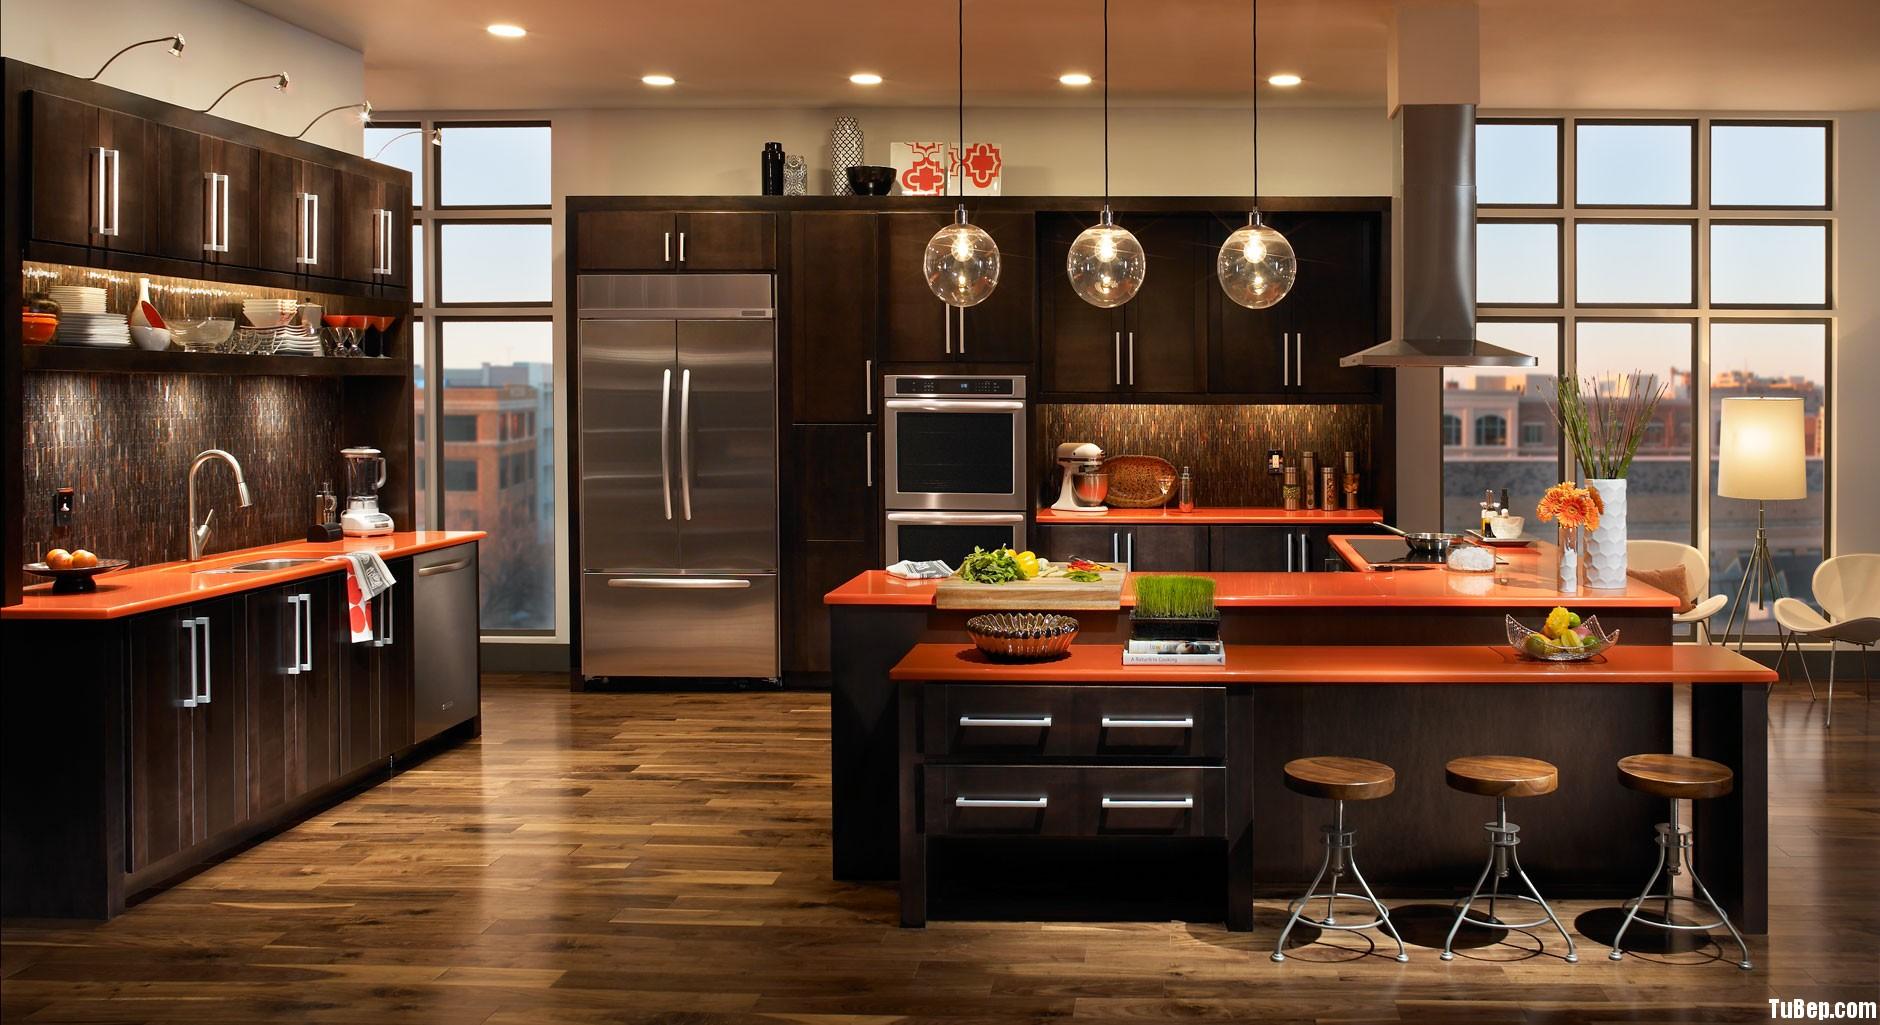 gỗ tự nhiên sơn men đen Tủ bếp gỗ tự nhiên sơn men có đảo TBT0389